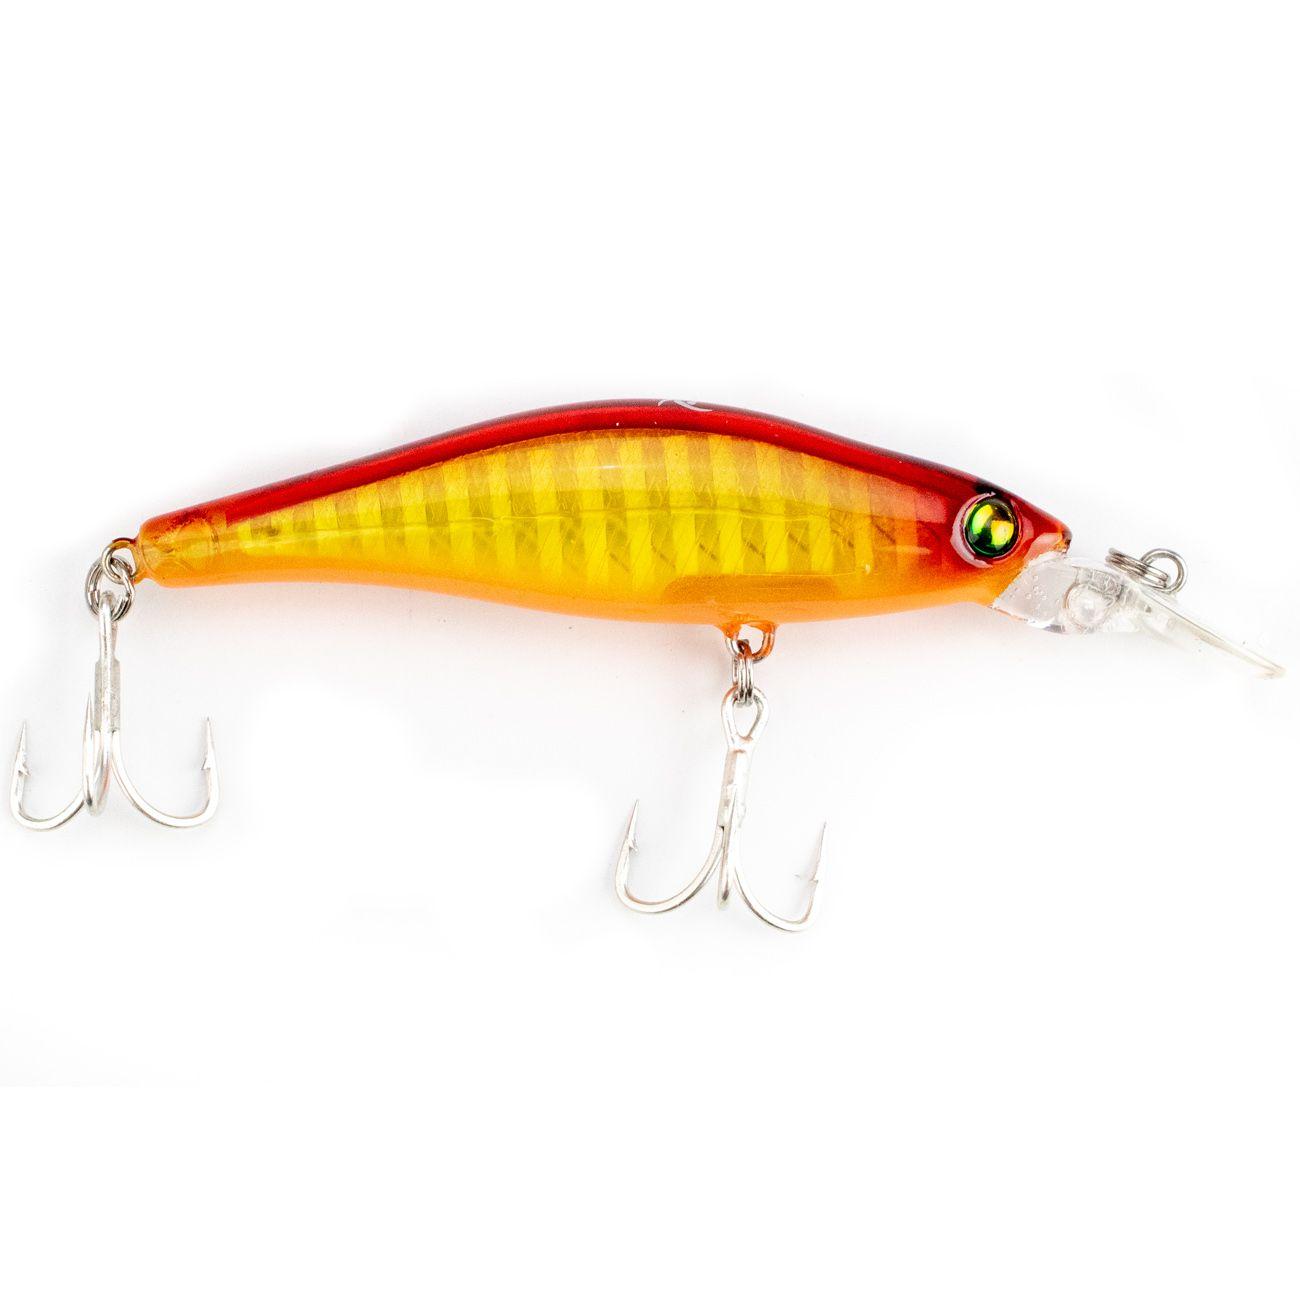 Isca Aicas Ninja (6,5cm - 6grs)  - Comprando & Pescando